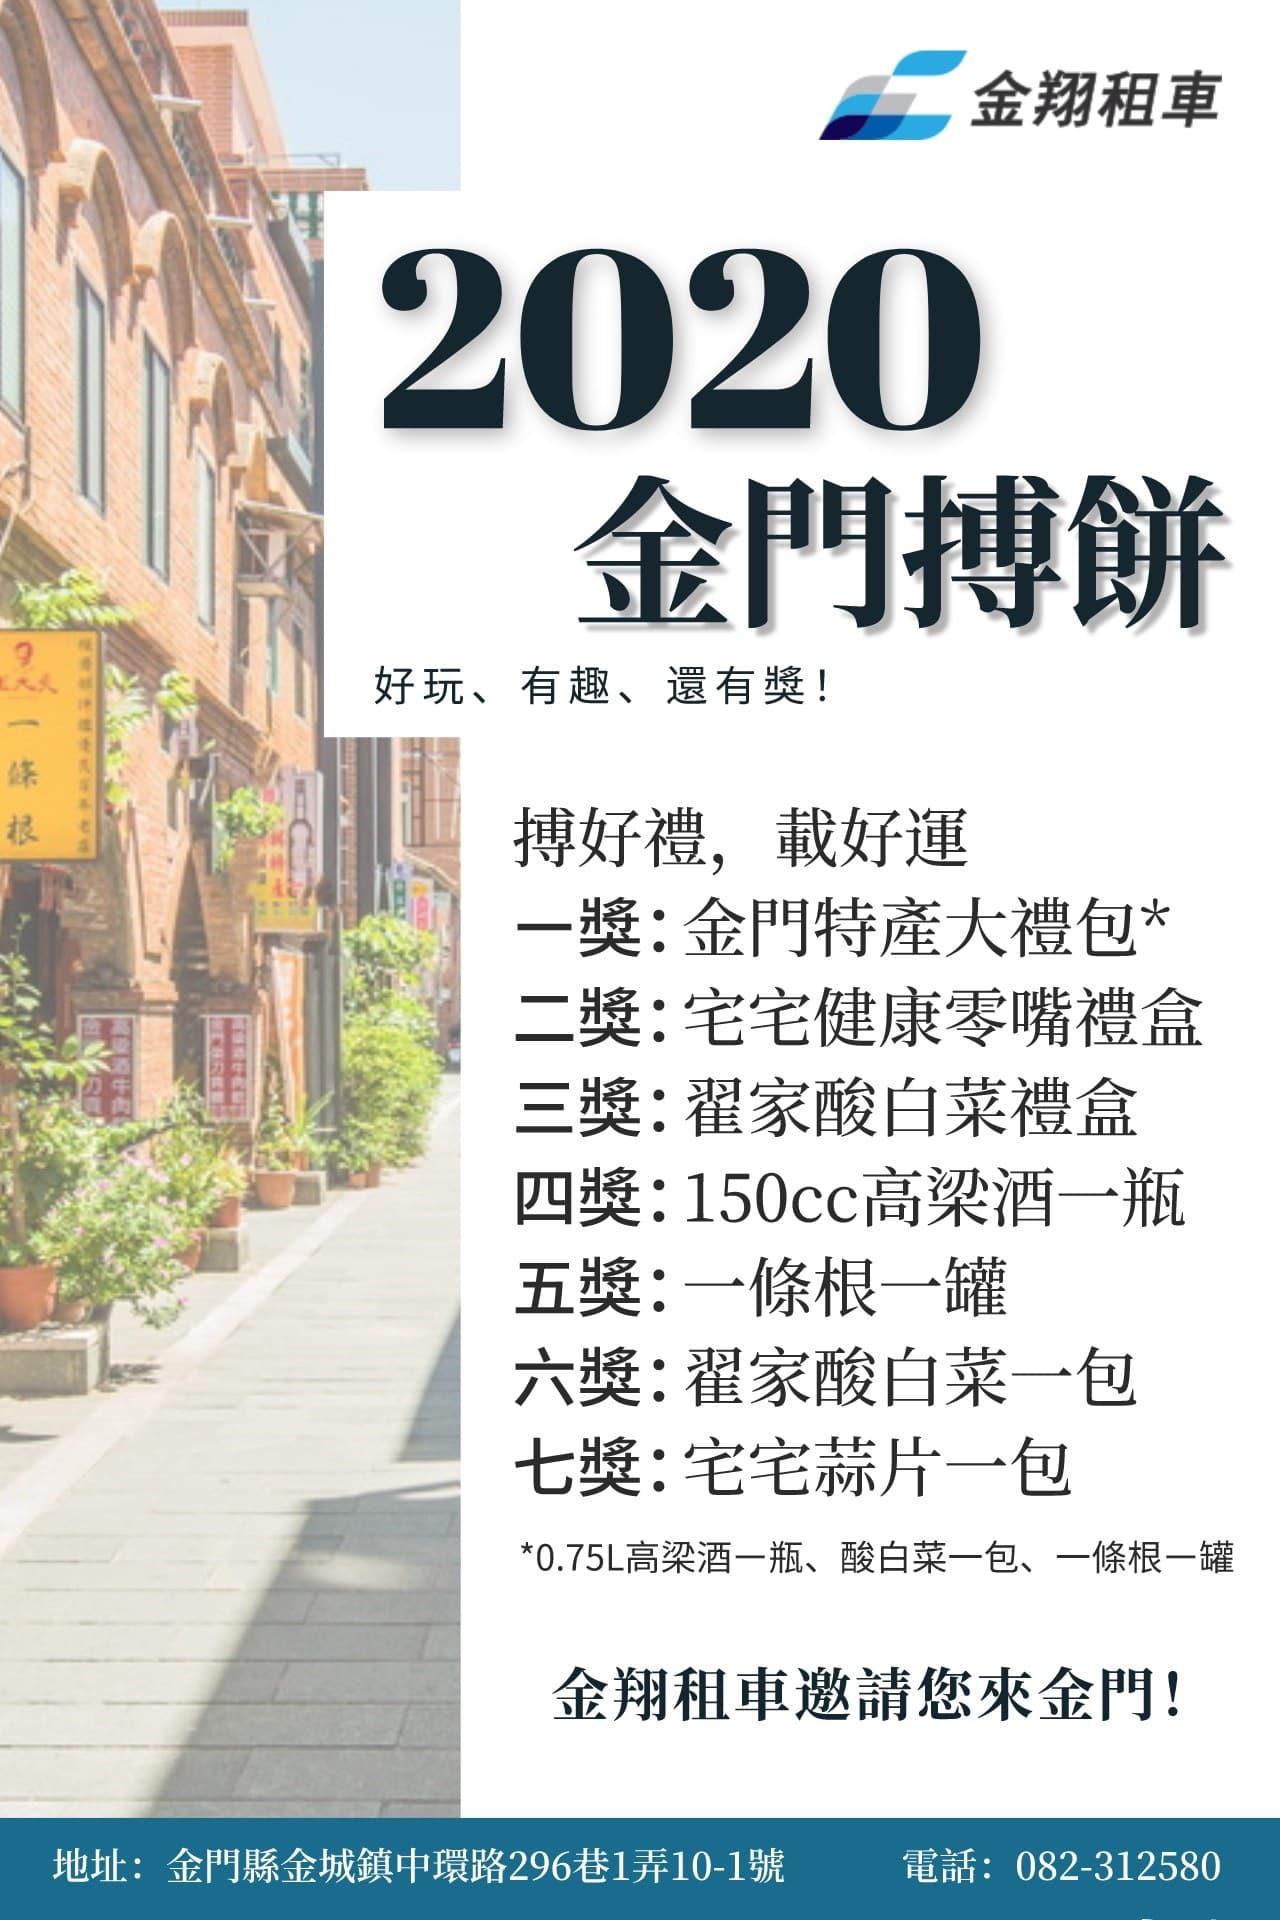 2020金門搏餅